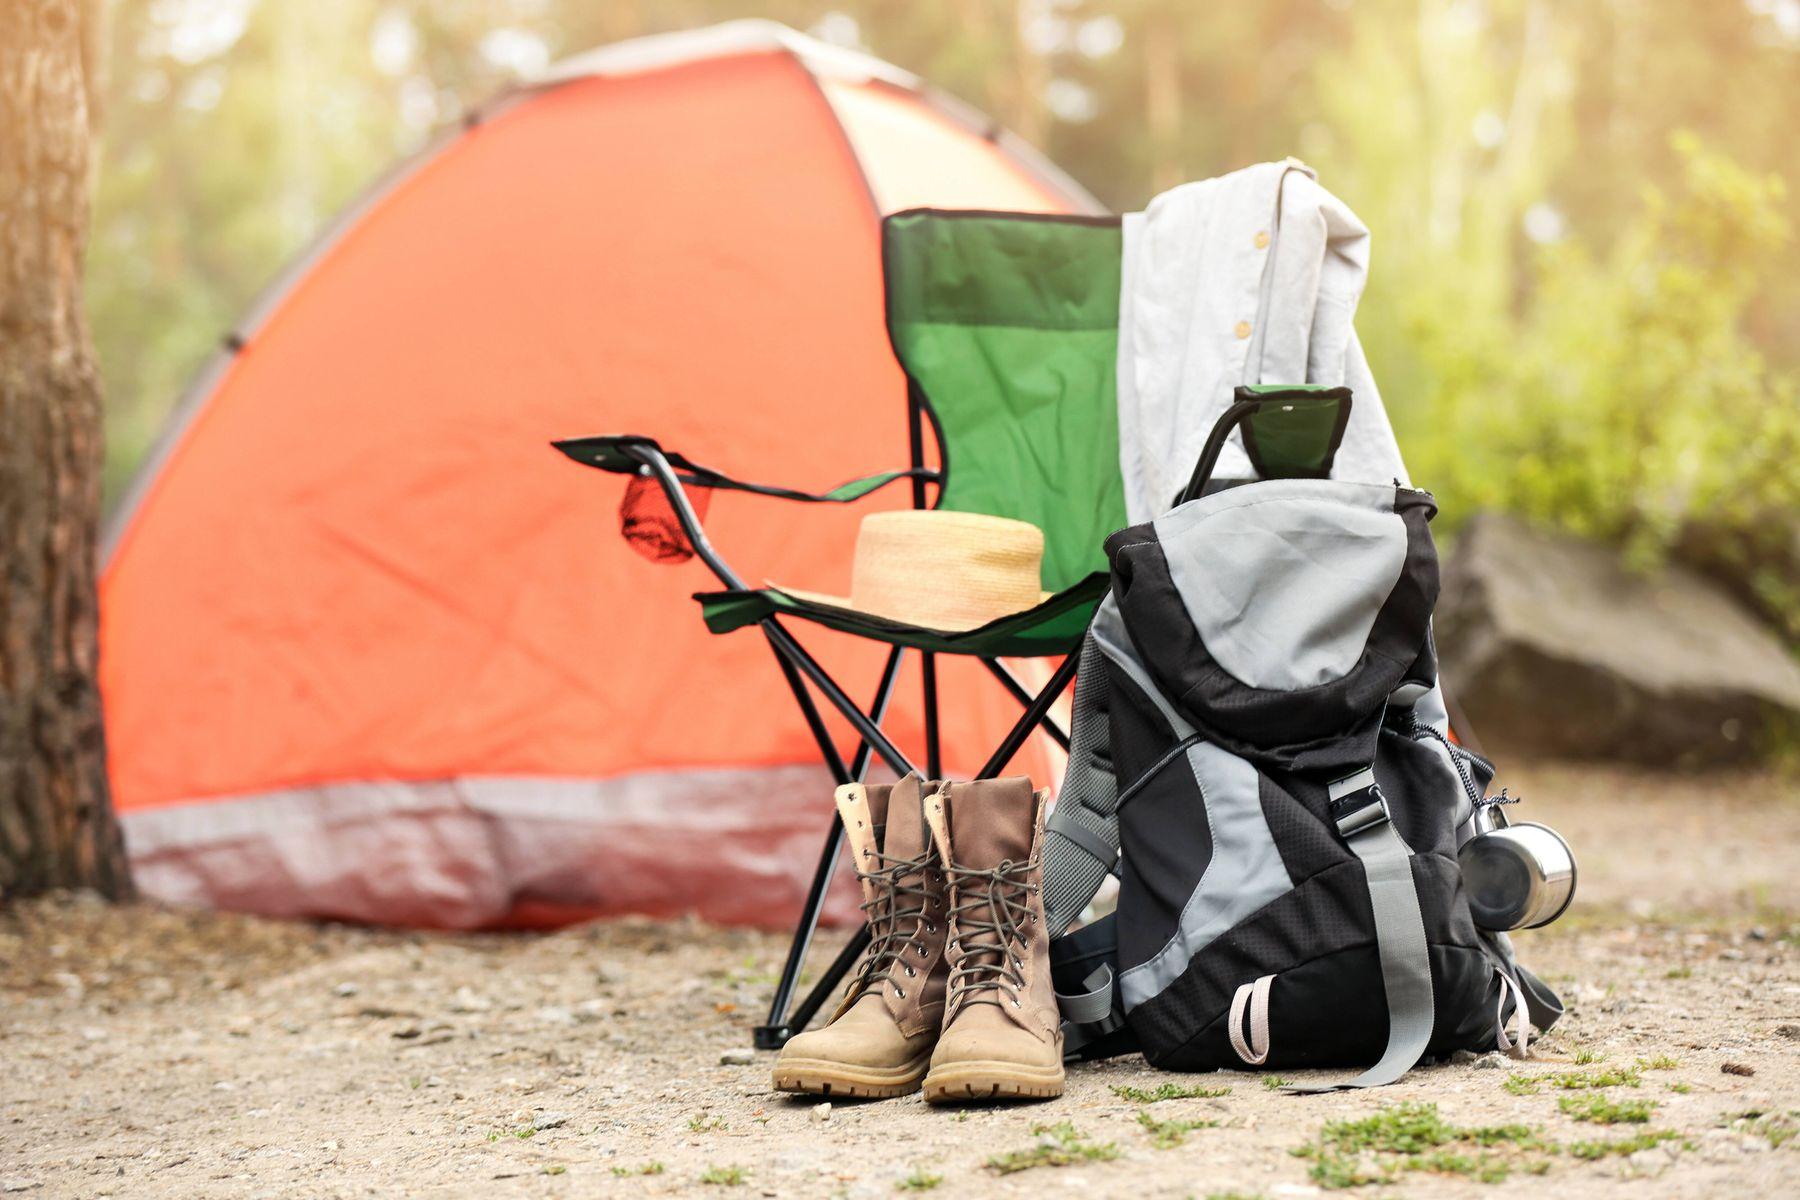 namiot i krzesło kempingowe w słowach